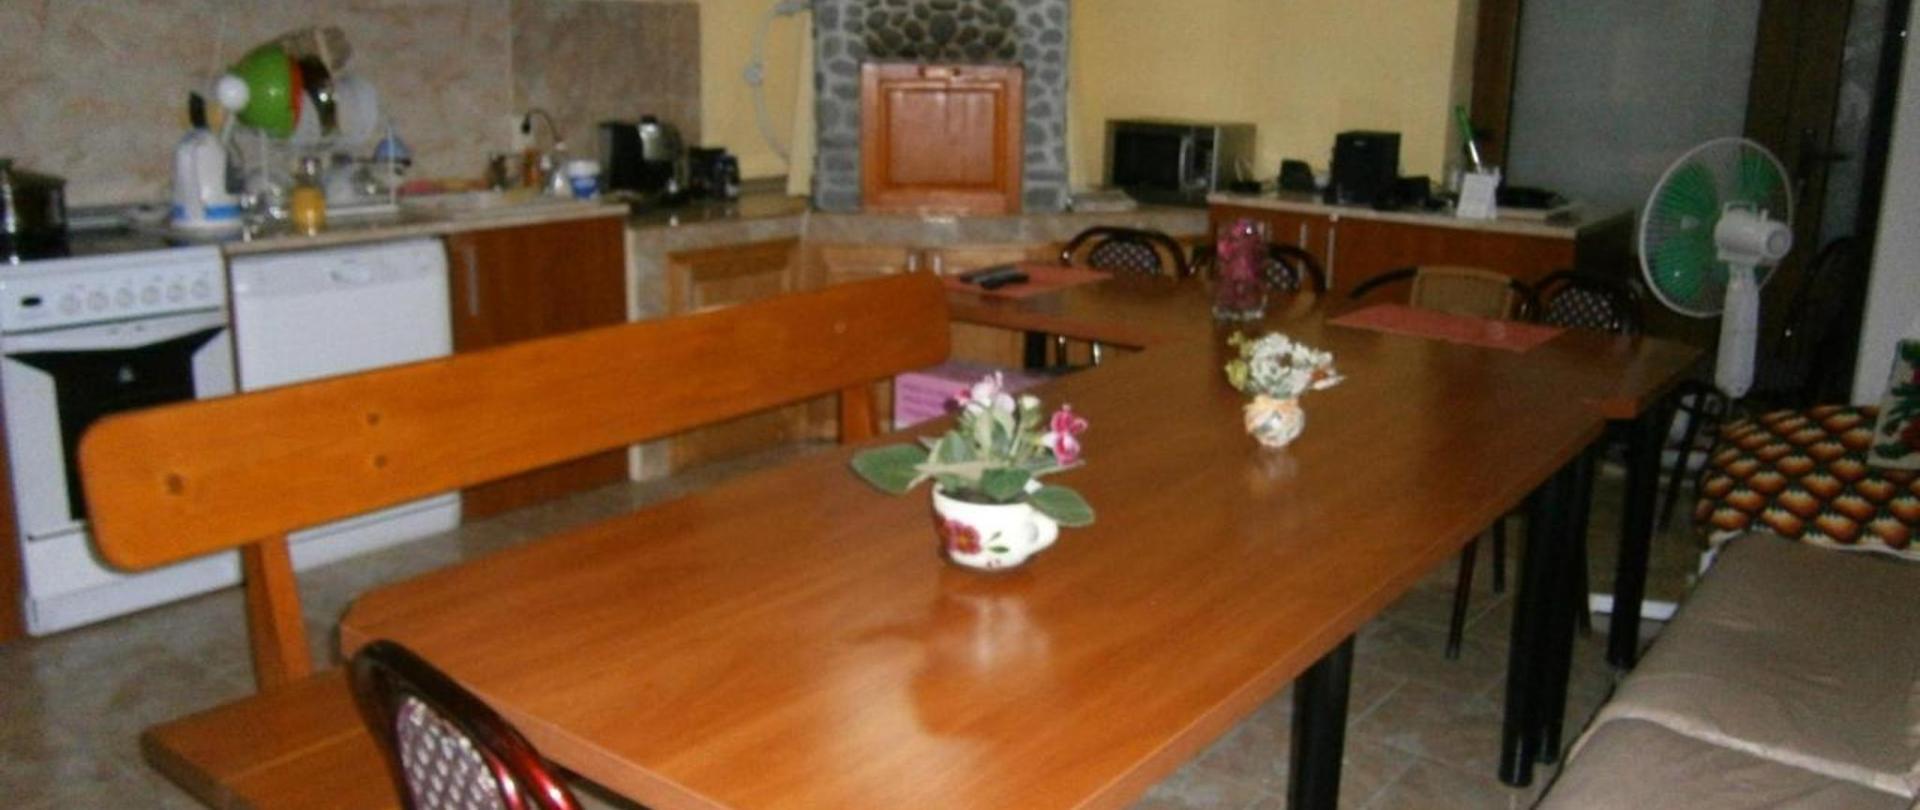 офісний зал з трапасірією